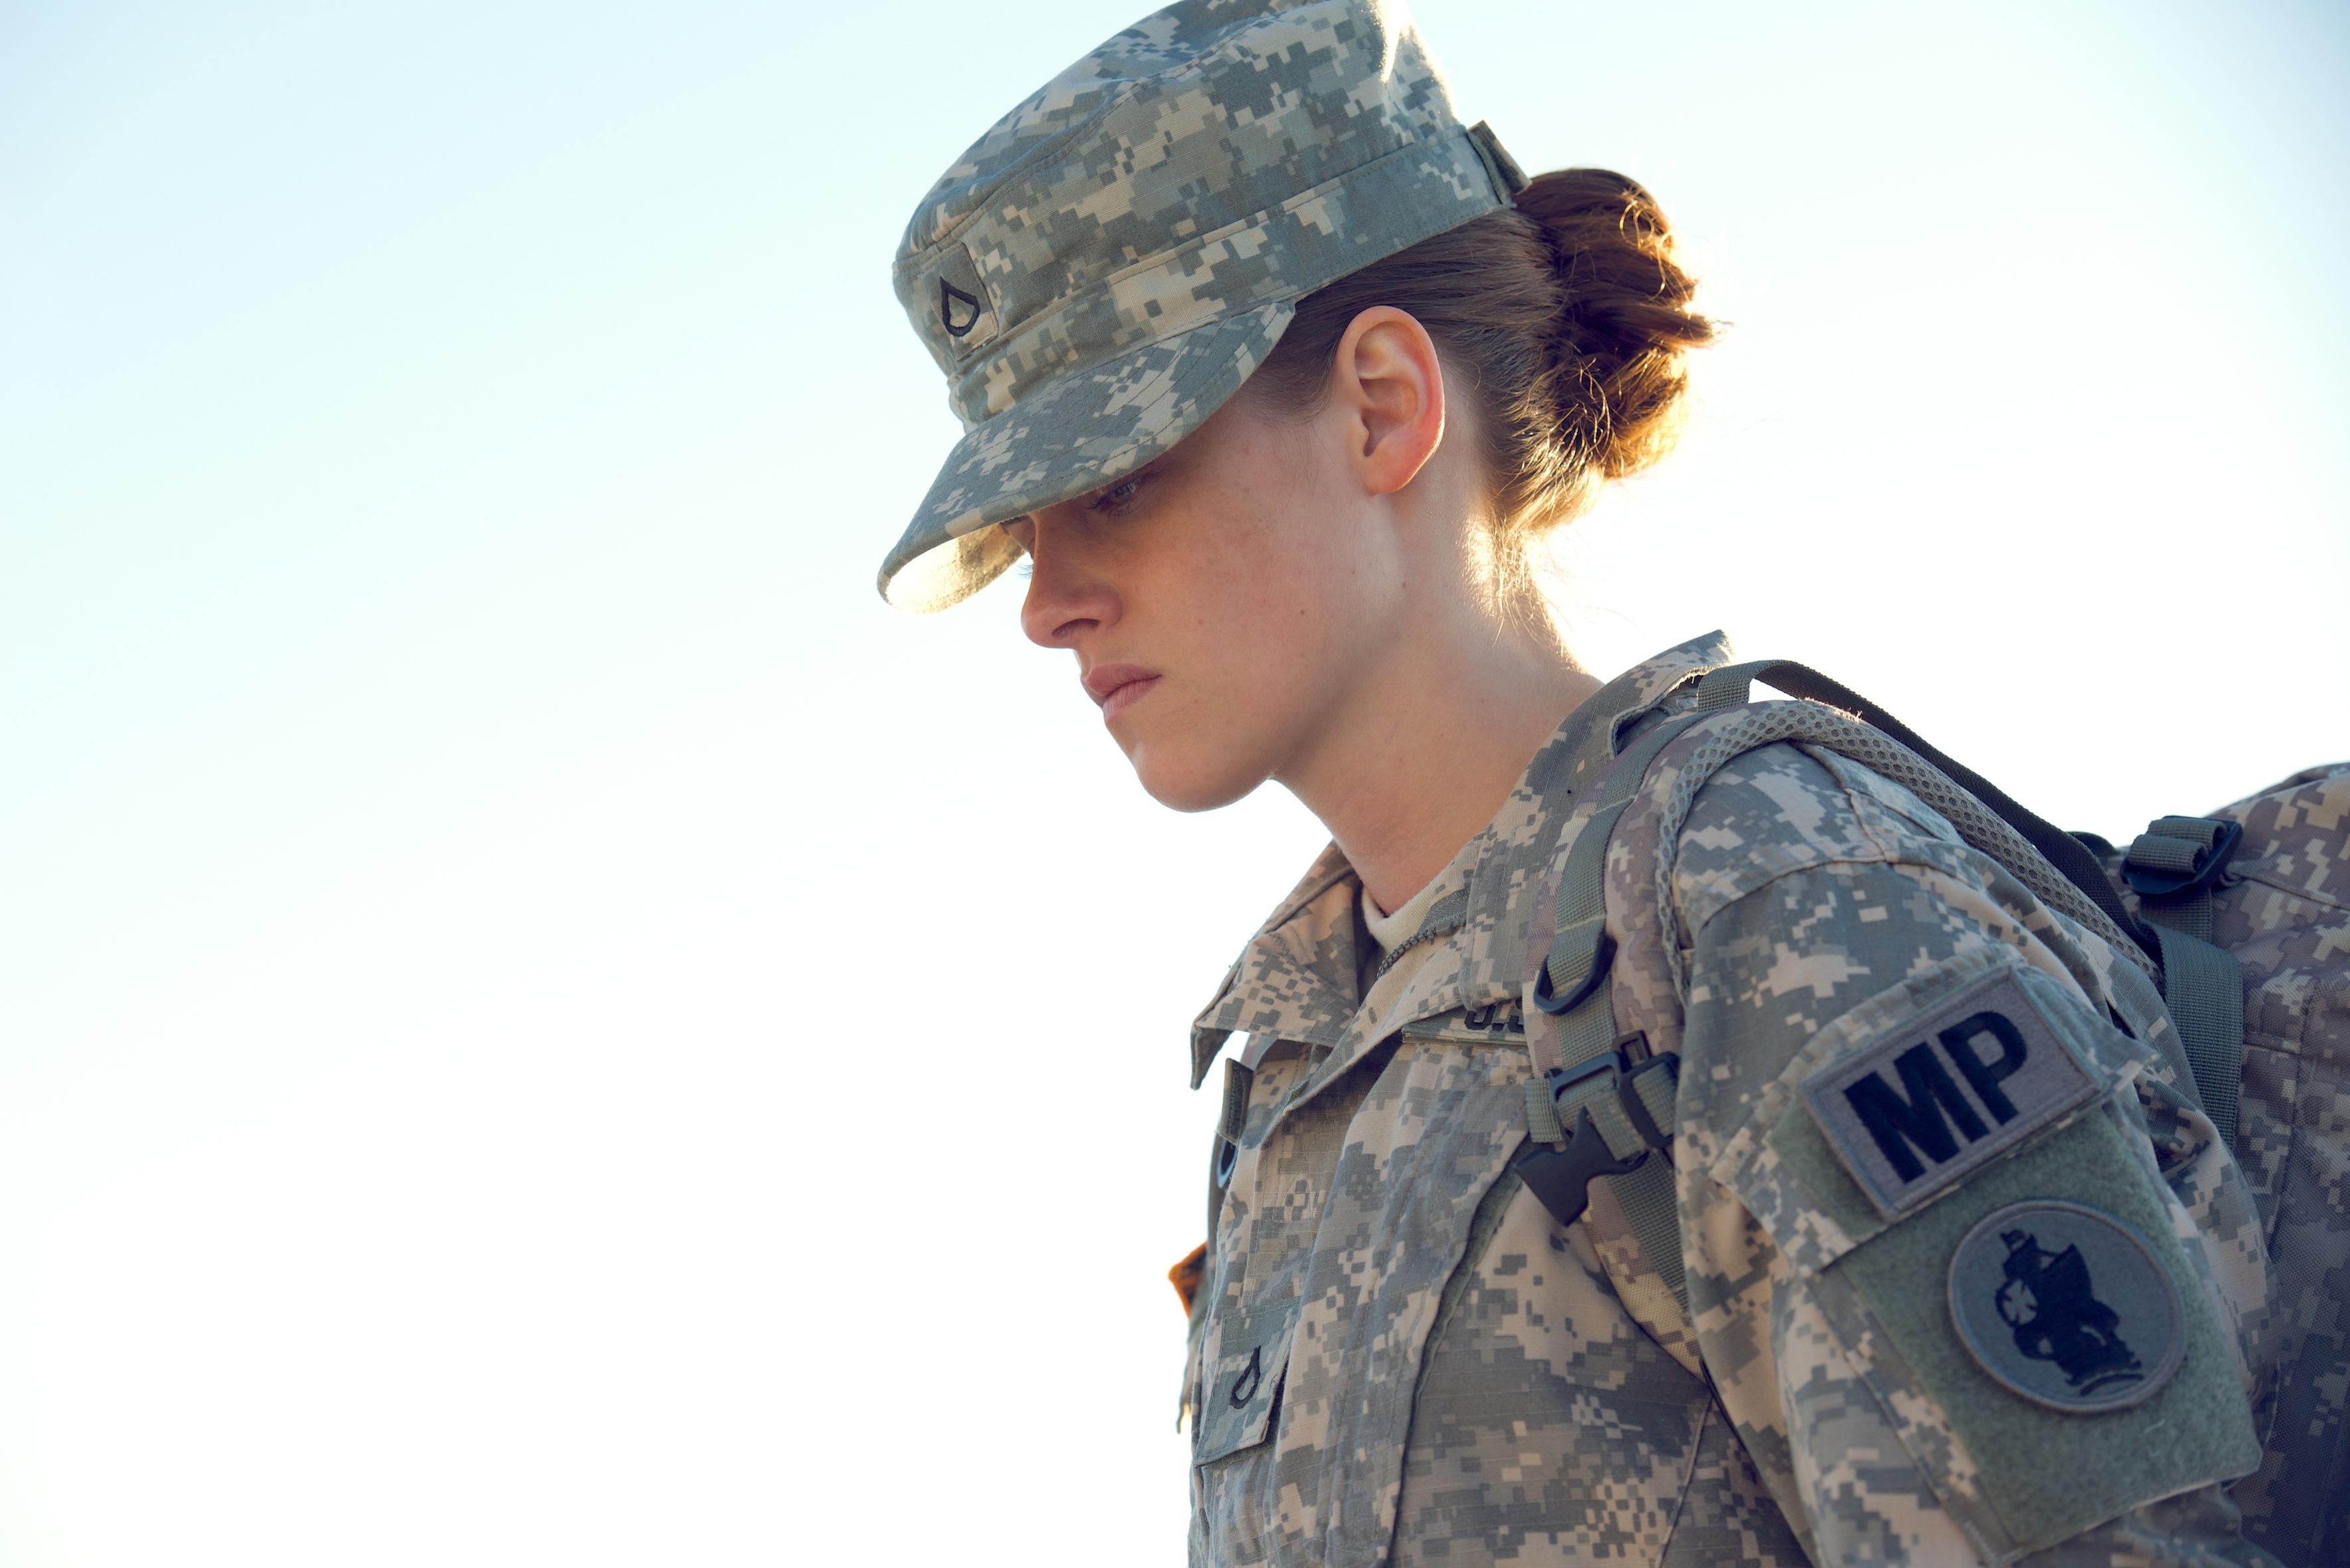 Русская девушка в военной форме 22 фотография